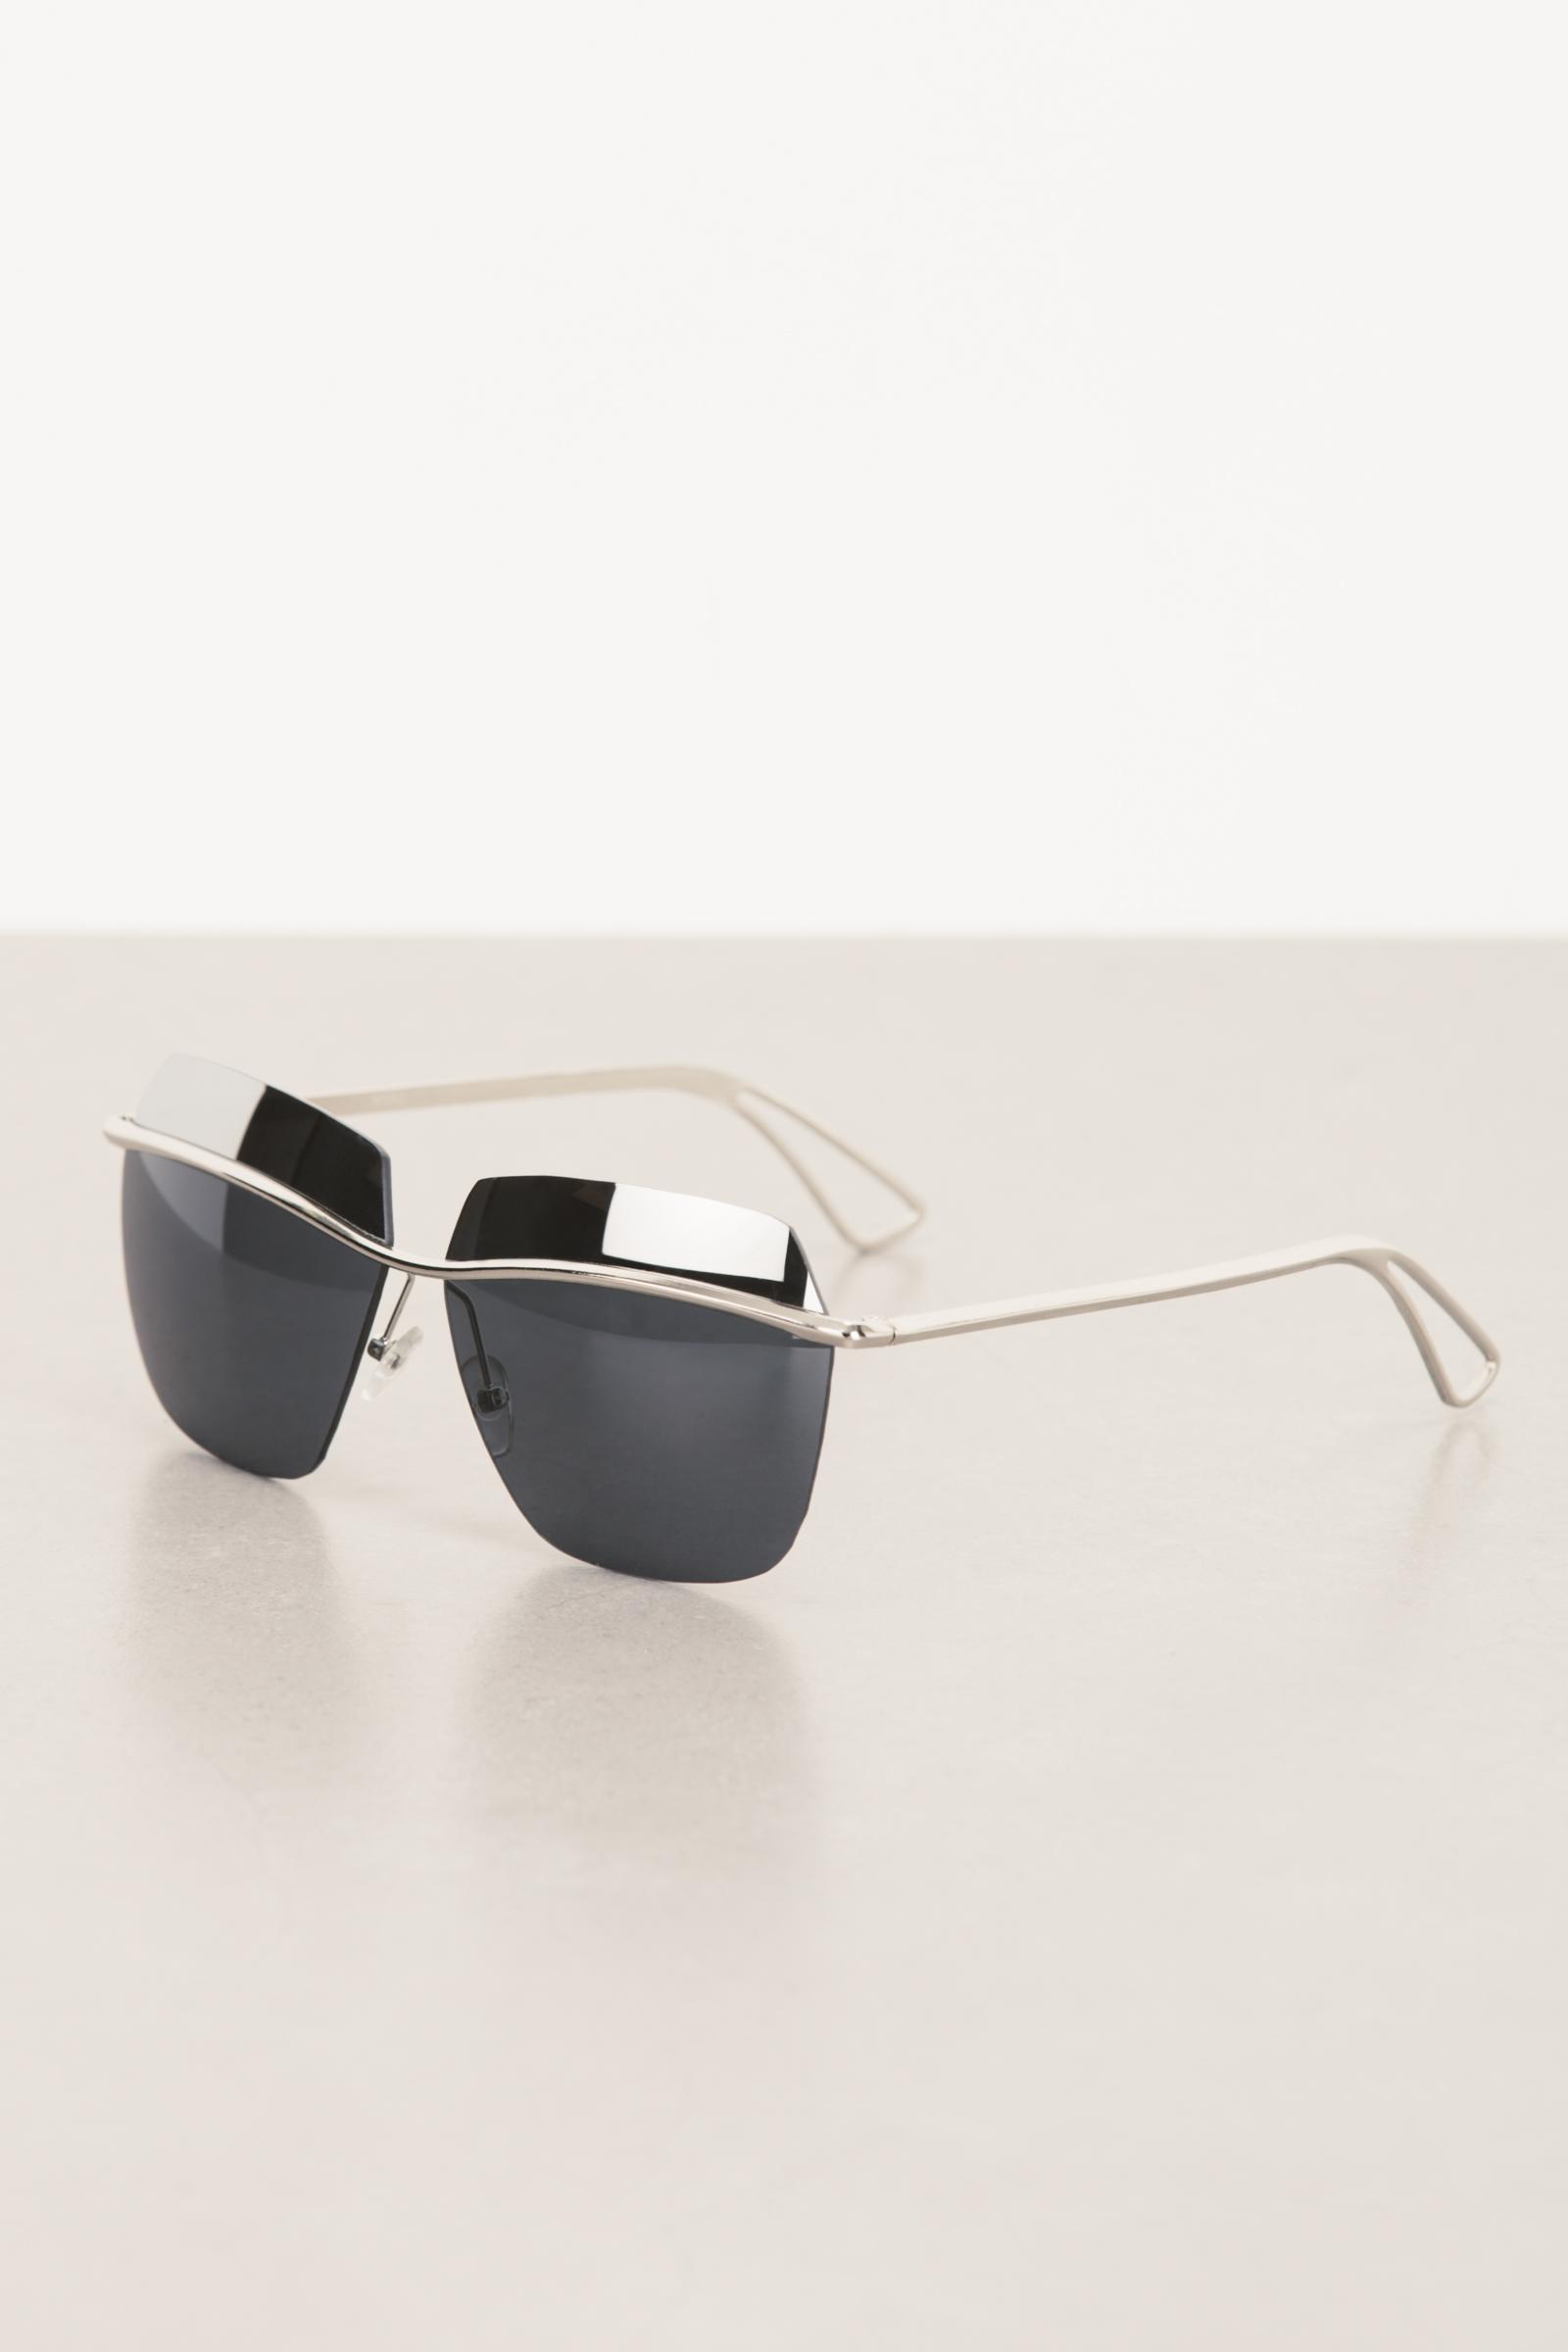 Gafas mujer Koaj Glam-gafas Koaj Gw24-0216 3/16